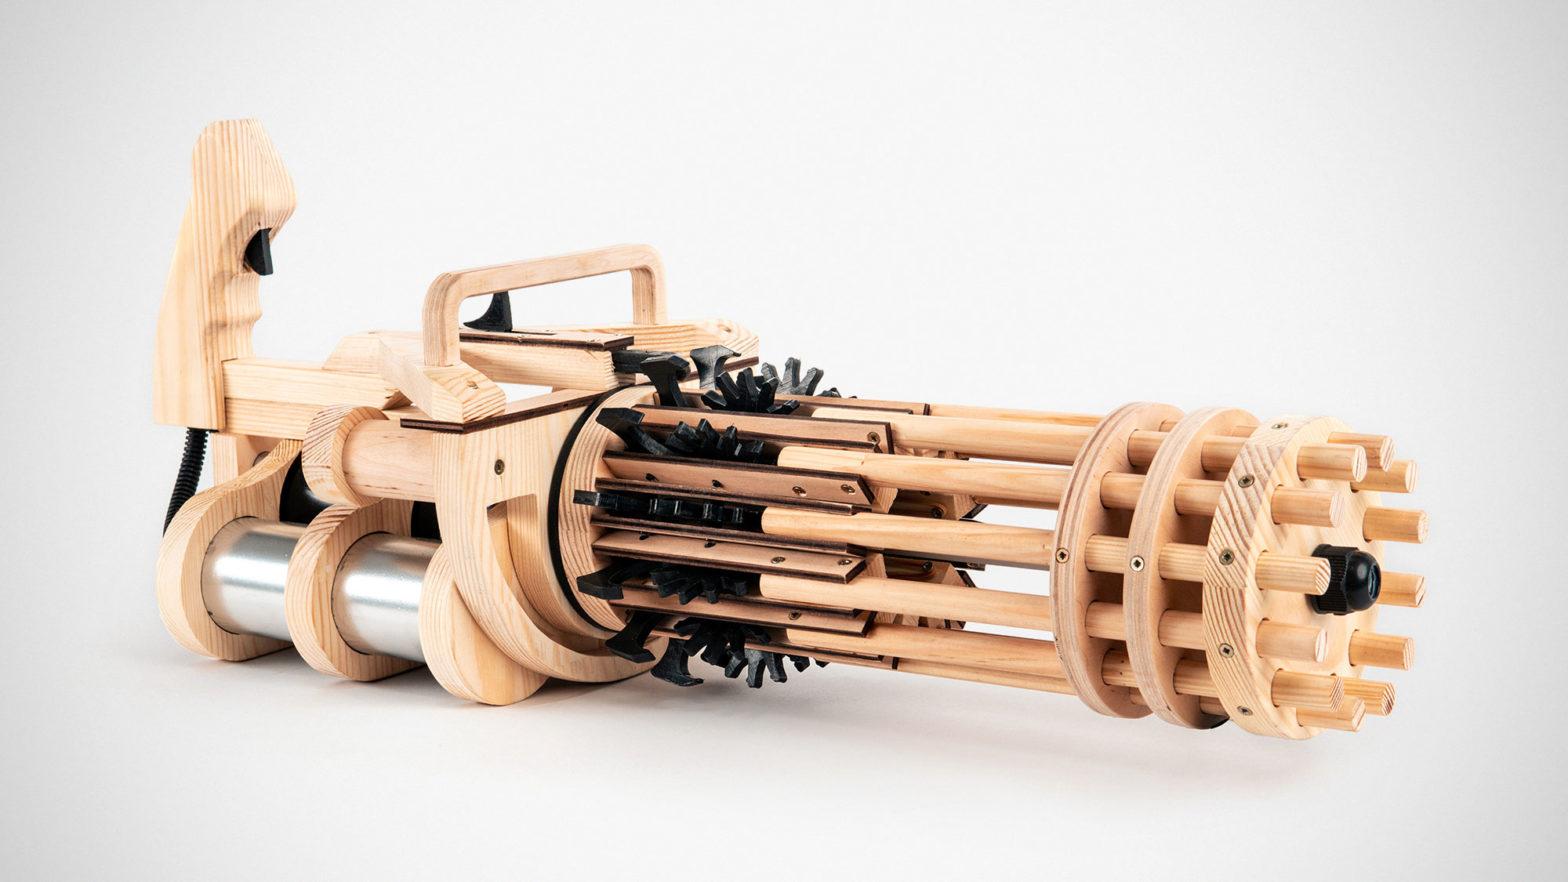 Weaponized T-Rex Rubber Band Minigun